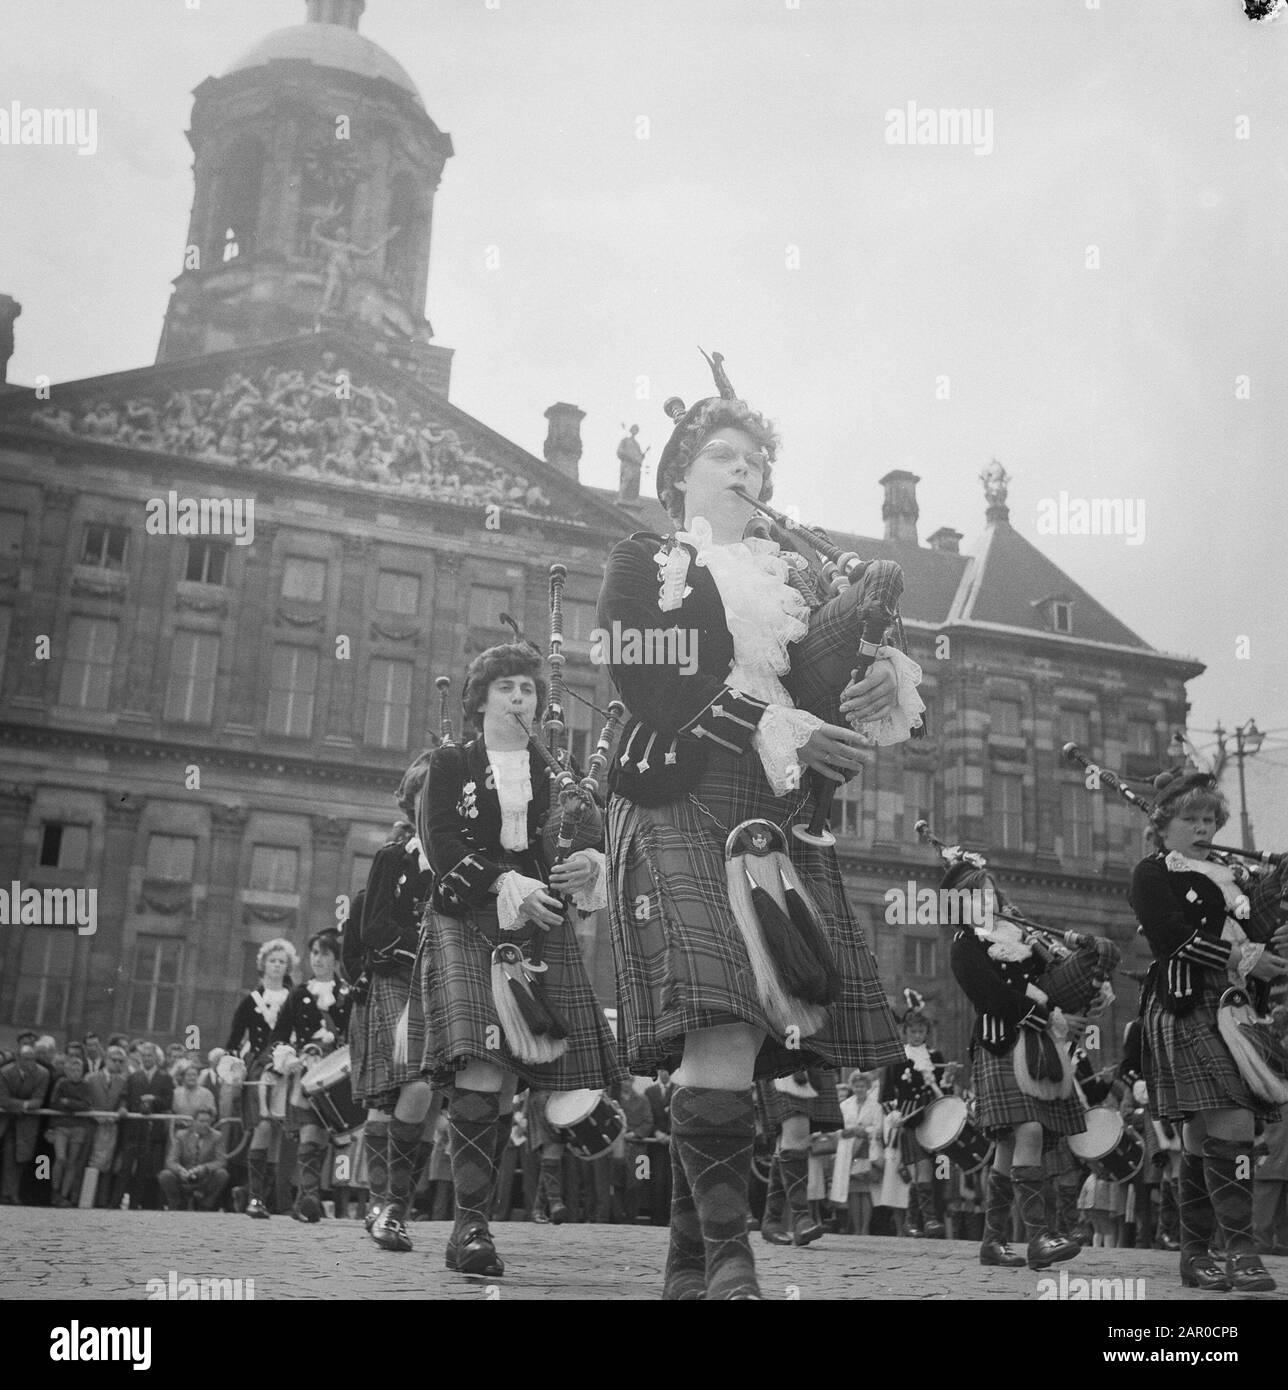 Ospiti scozzesi in Piazza Dam. Concerto By The Wieks Girl Pipeband From Scotland Data: 24 Giugno 1963 Località: Great Britain, Scotland Parole Chiave: Concerti Istituto Nome: Wieks Girl Pipeband Foto Stock